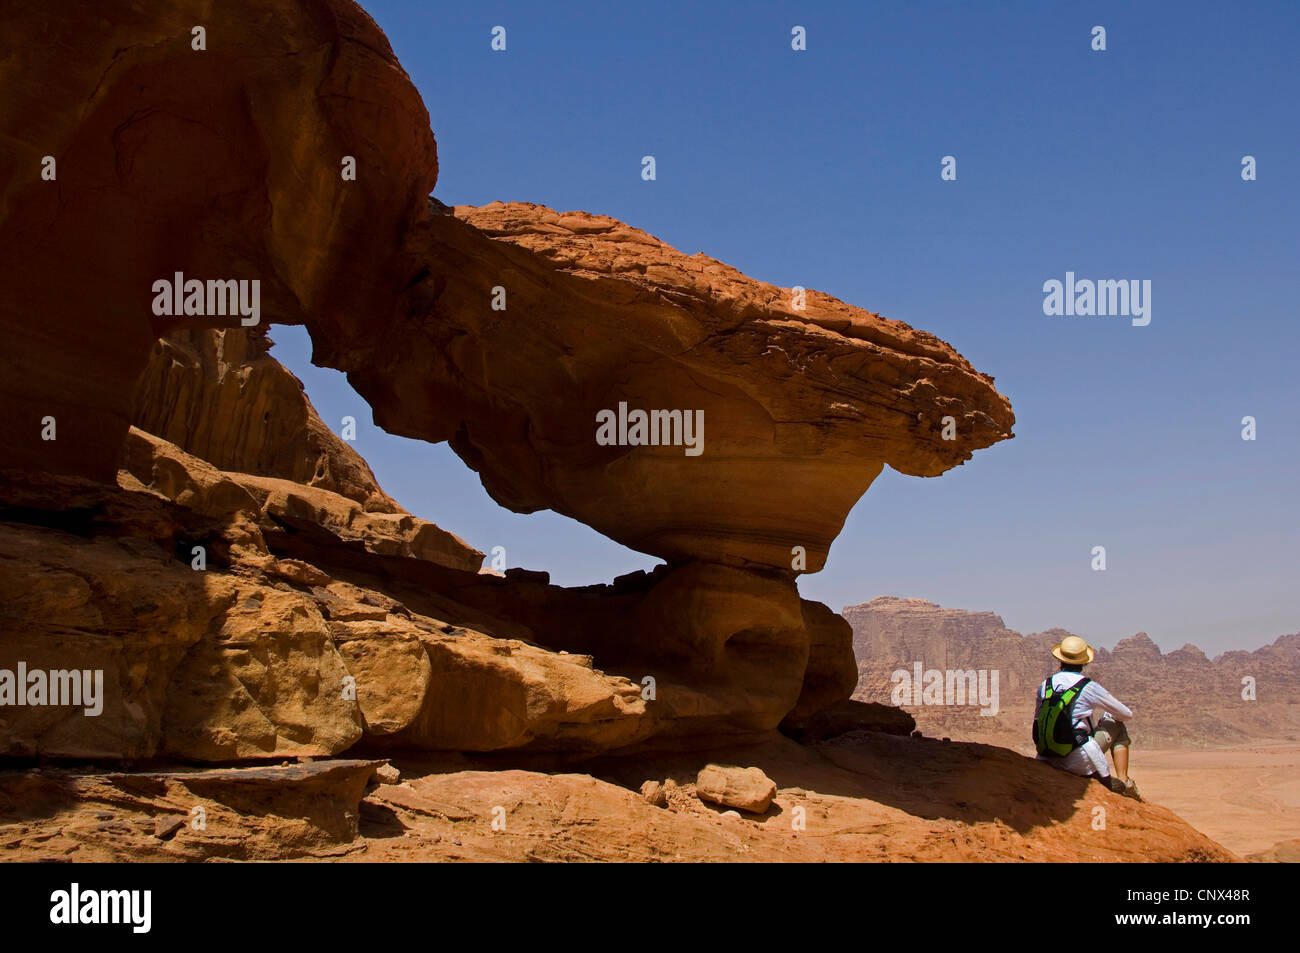 Touristen sitzen auf einem Felsvorsprung blickte auf ein Tal der Wüste Wadi Rum, Jordanien Stockbild